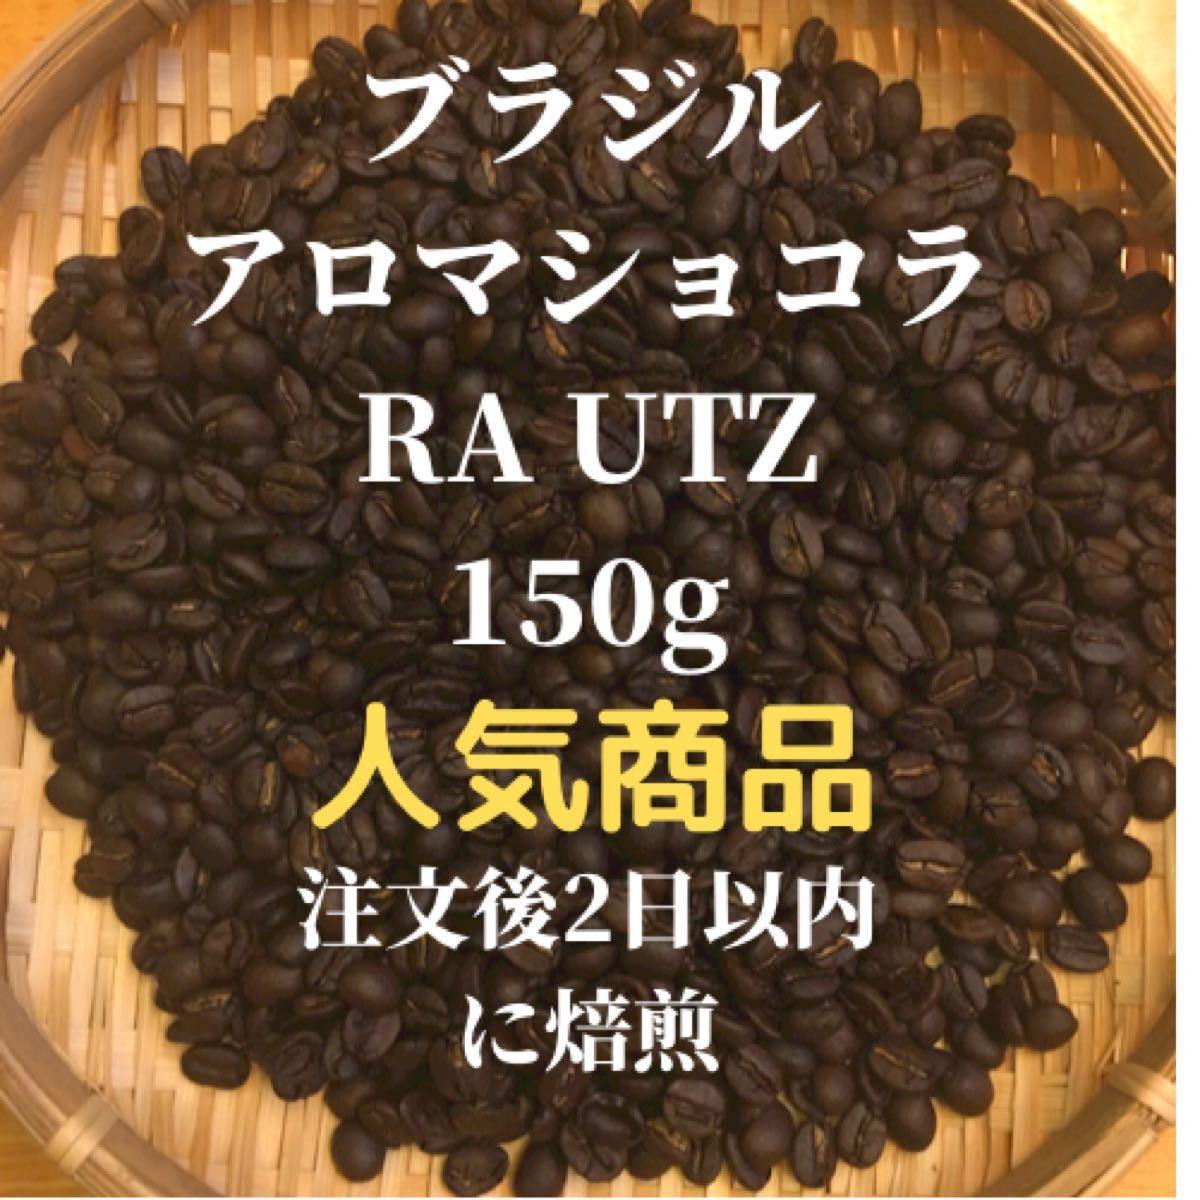 自家焙煎 ブラジル アロマショコラRA UTZ 150g(豆又は粉)匿名配送 六